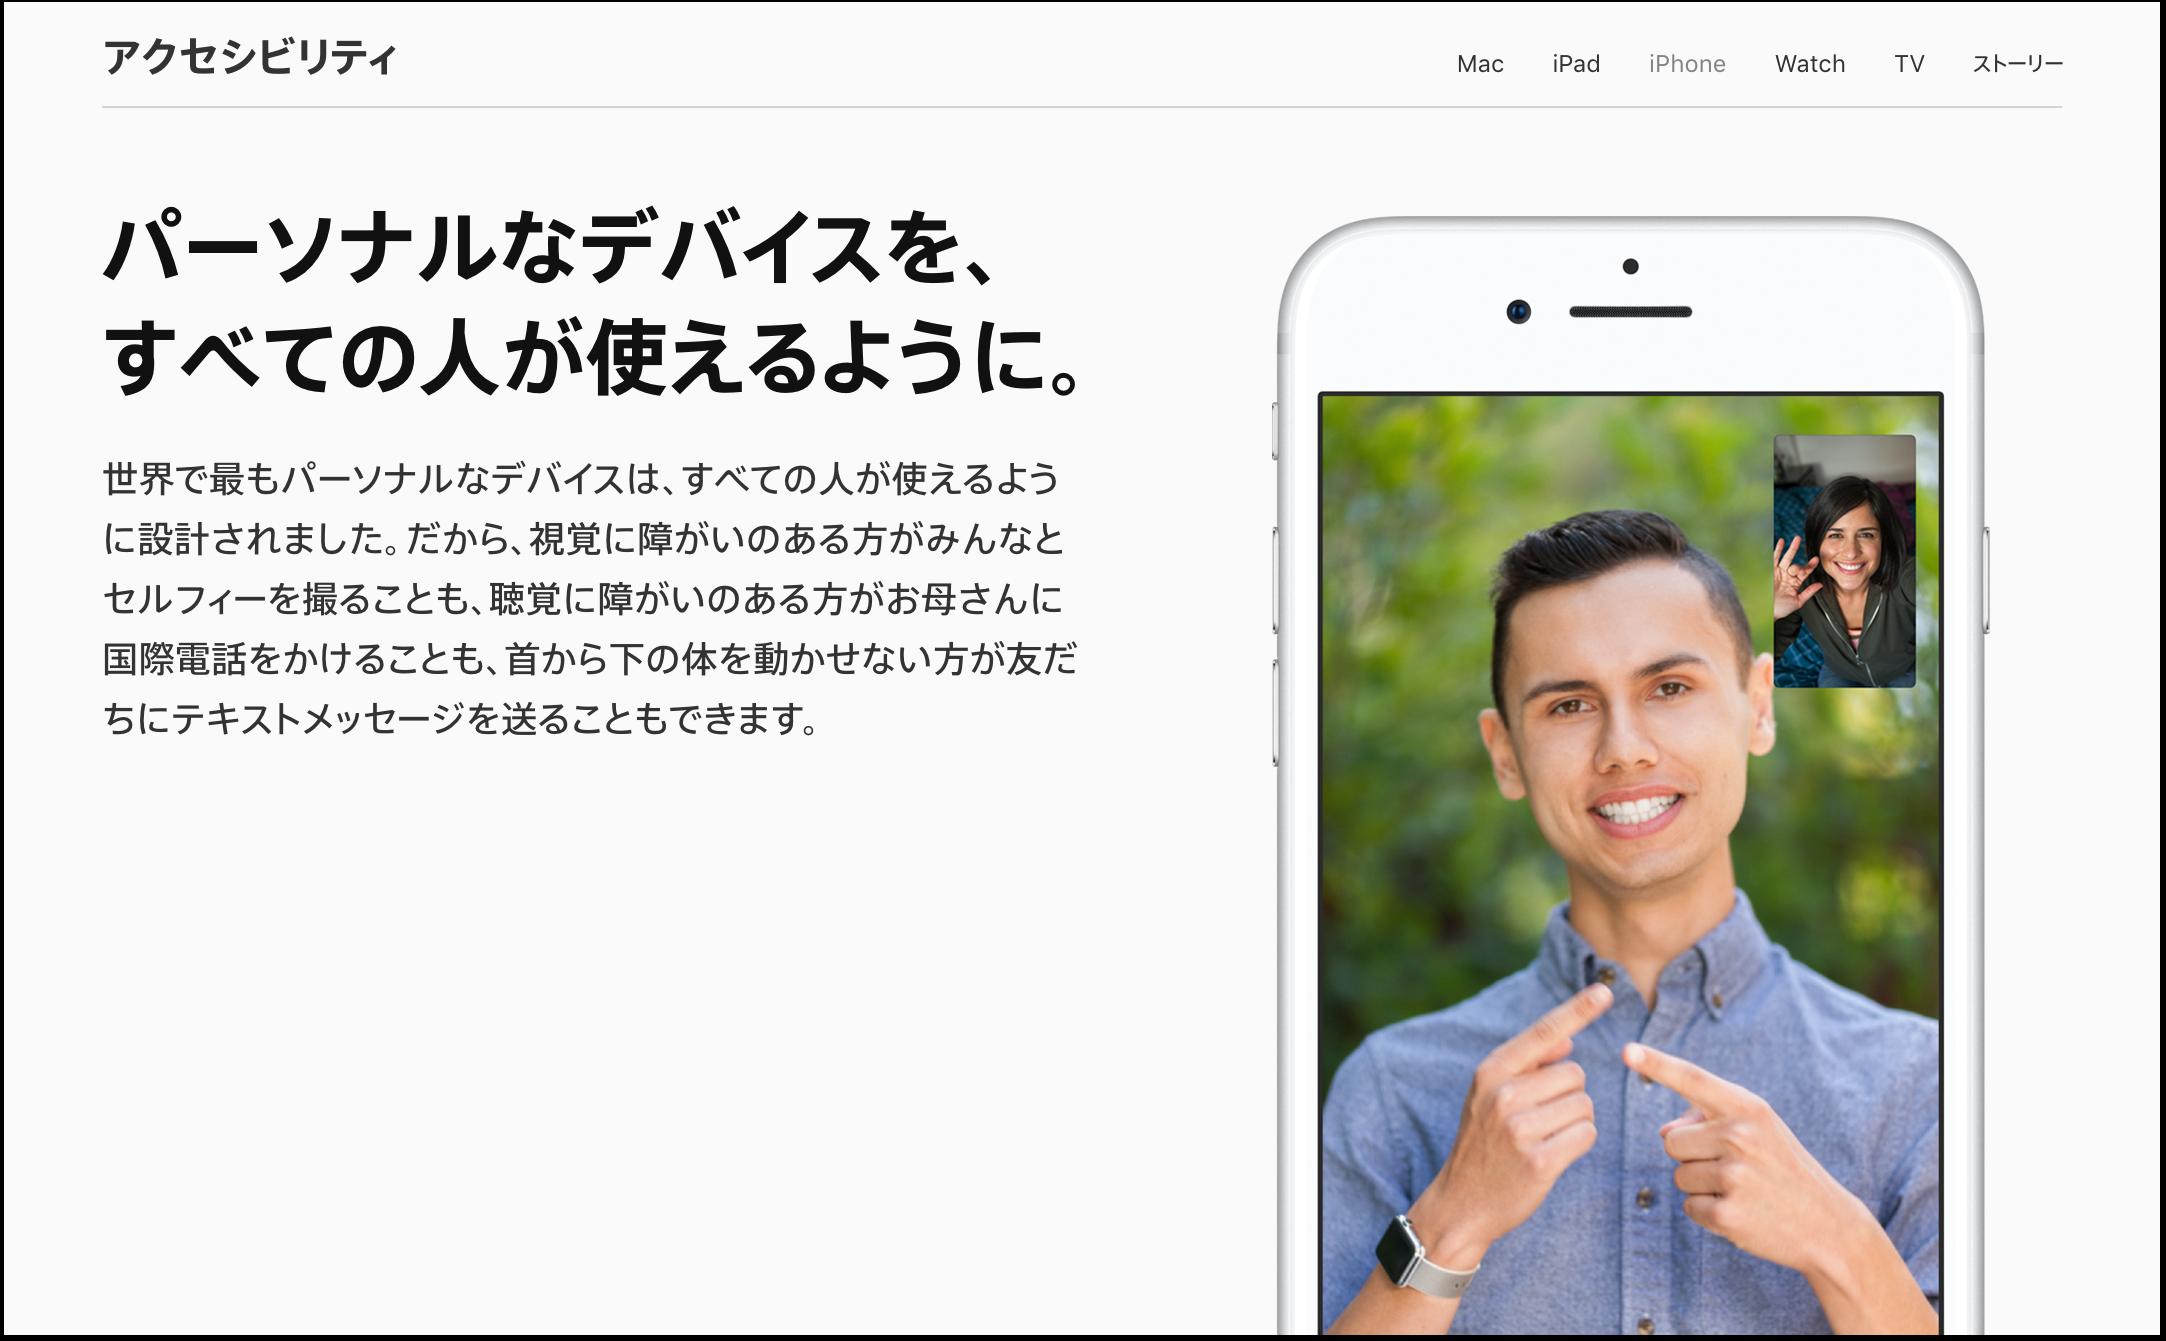 FaceTimeアプリケーションを使って手話で会話している男性と女性